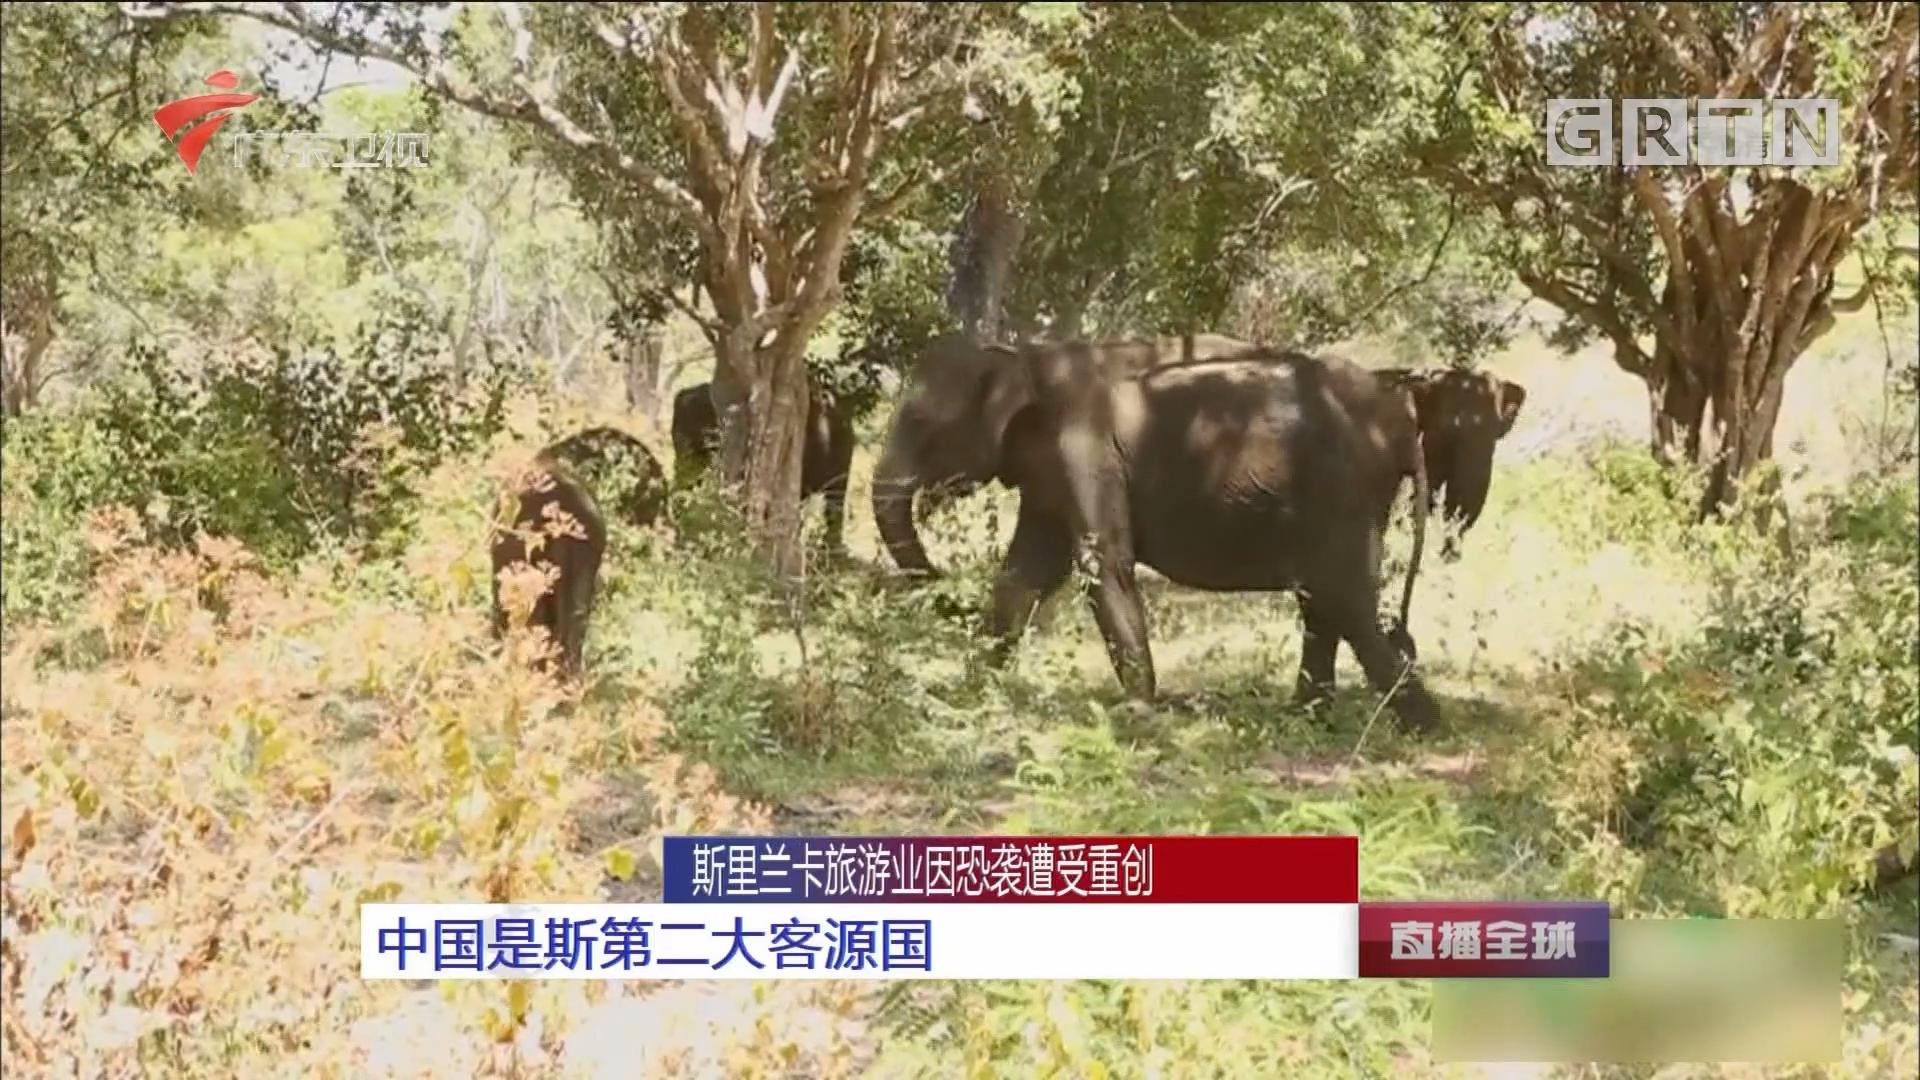 斯里兰卡旅游业因恐袭遭受重创:中国是斯第二大客源国